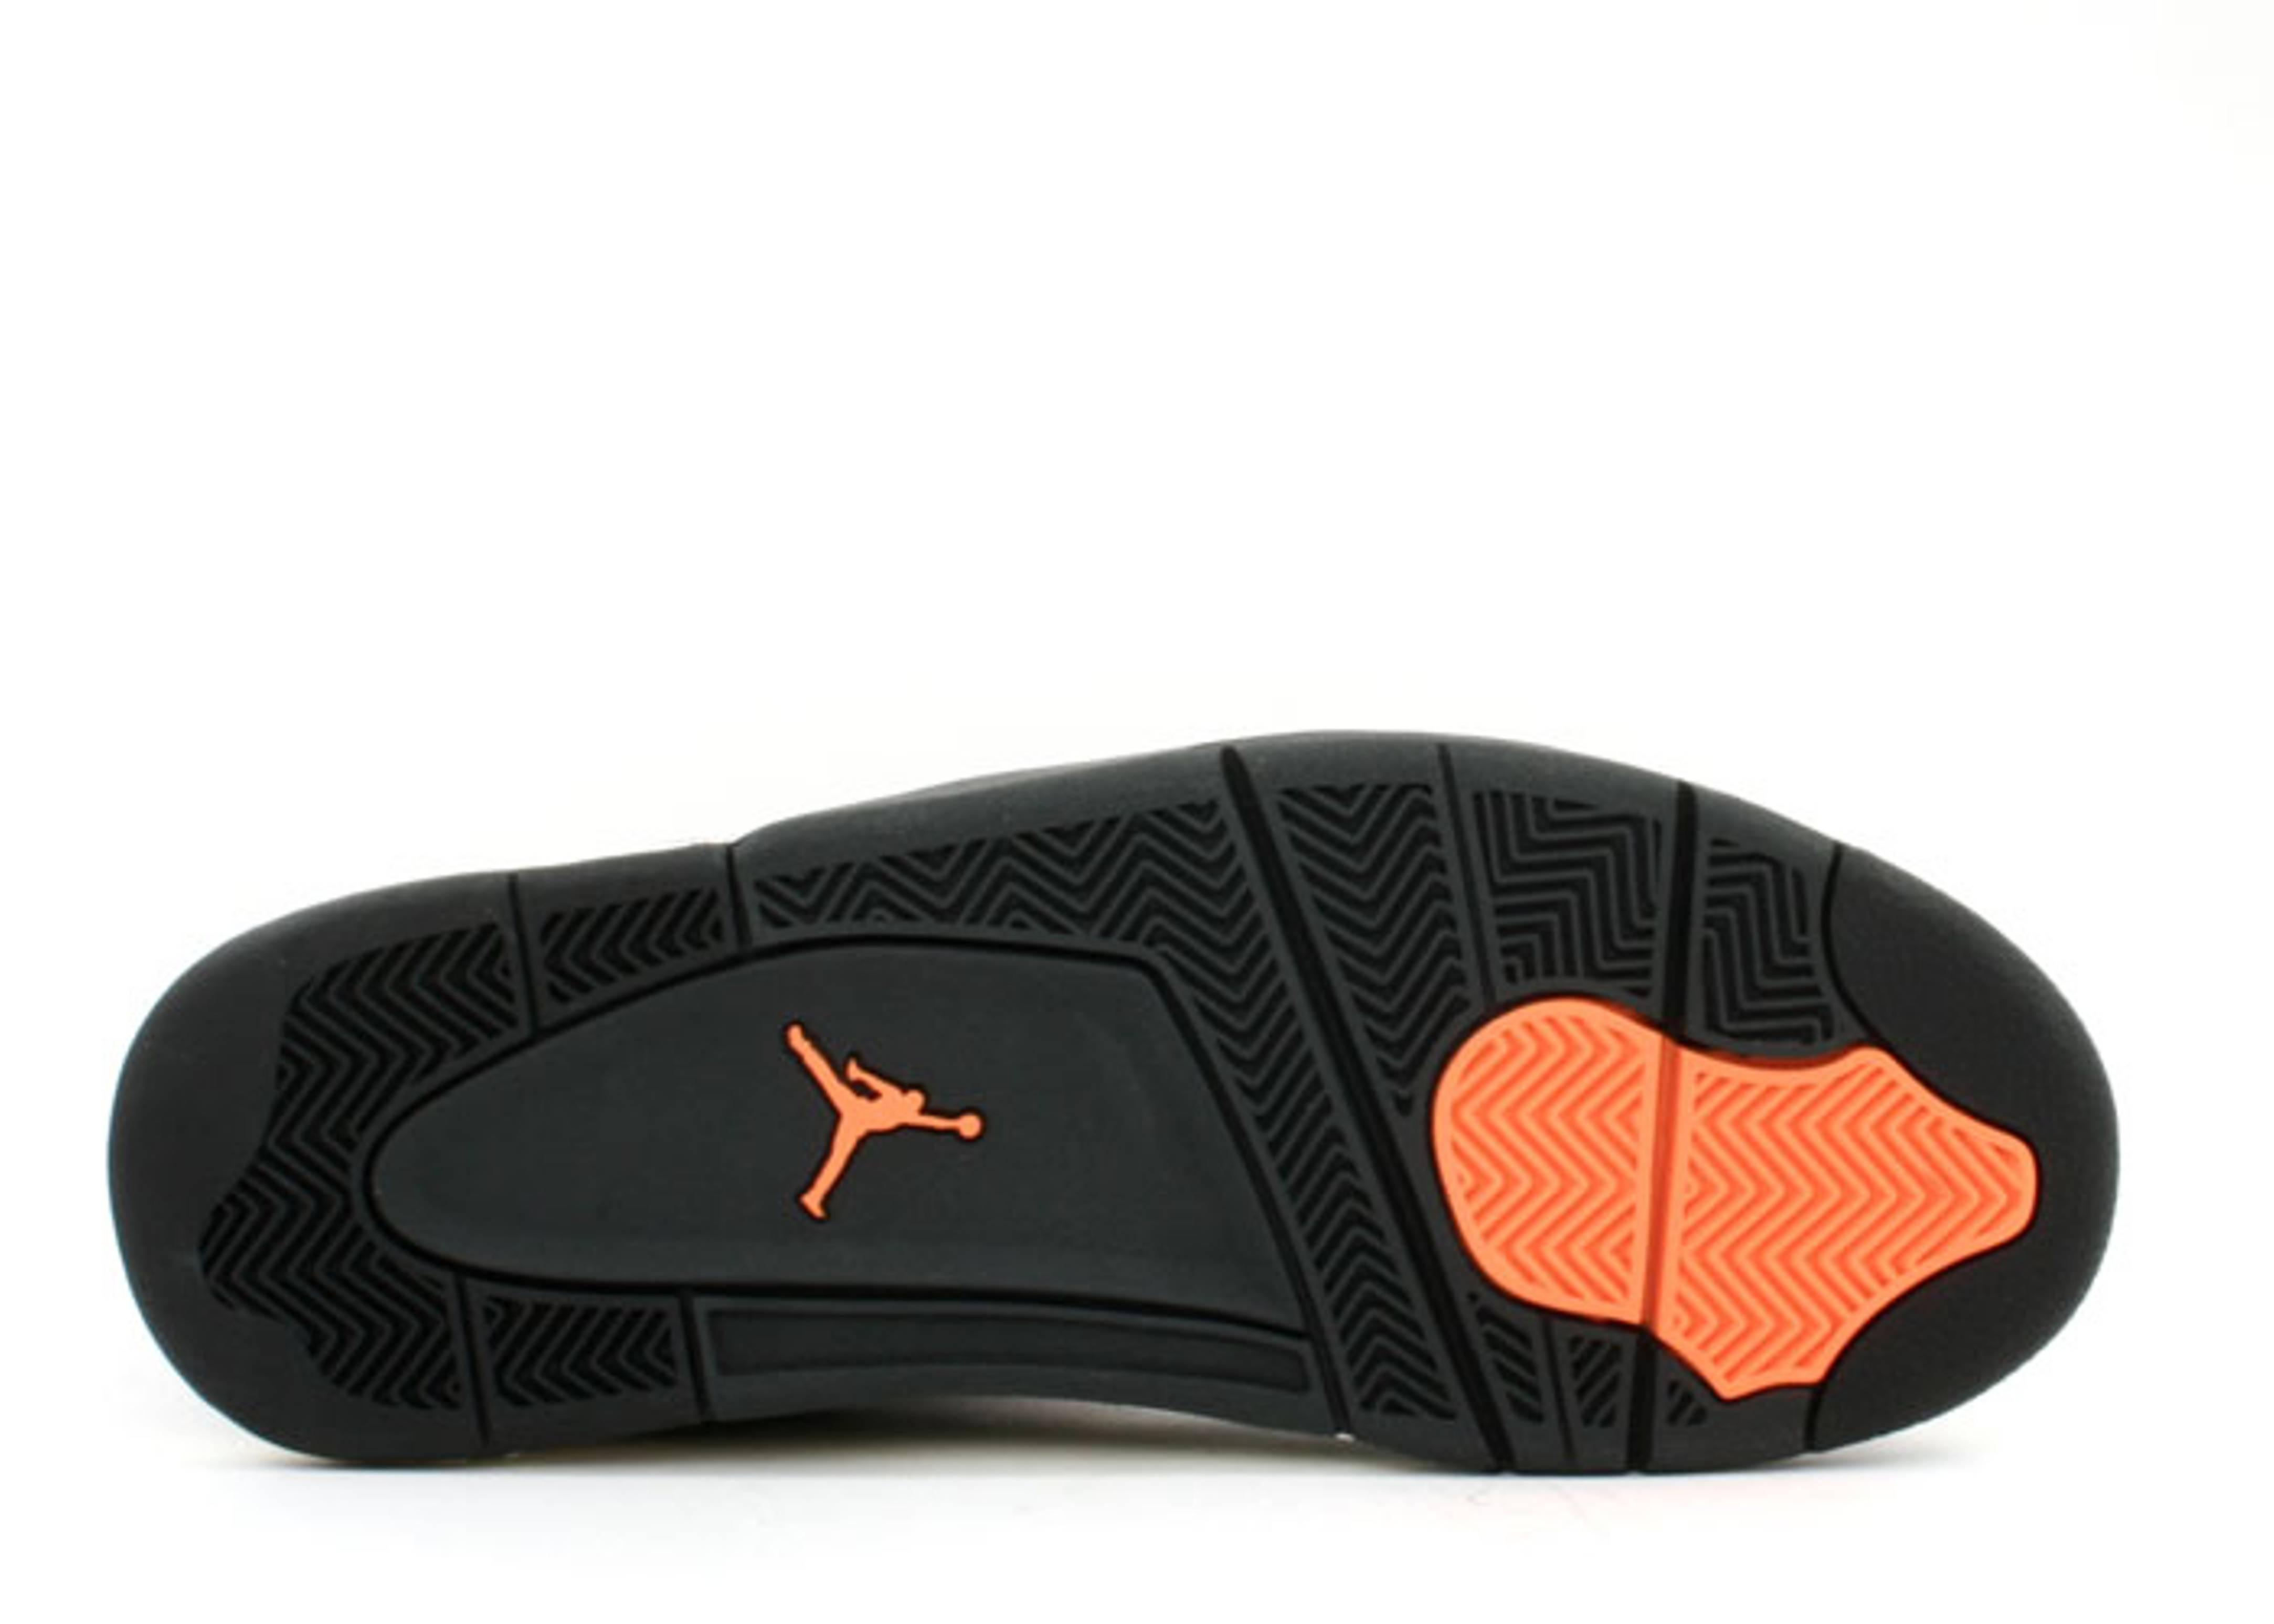 69c2edbe6cf6 Air Jordan 4 Retro